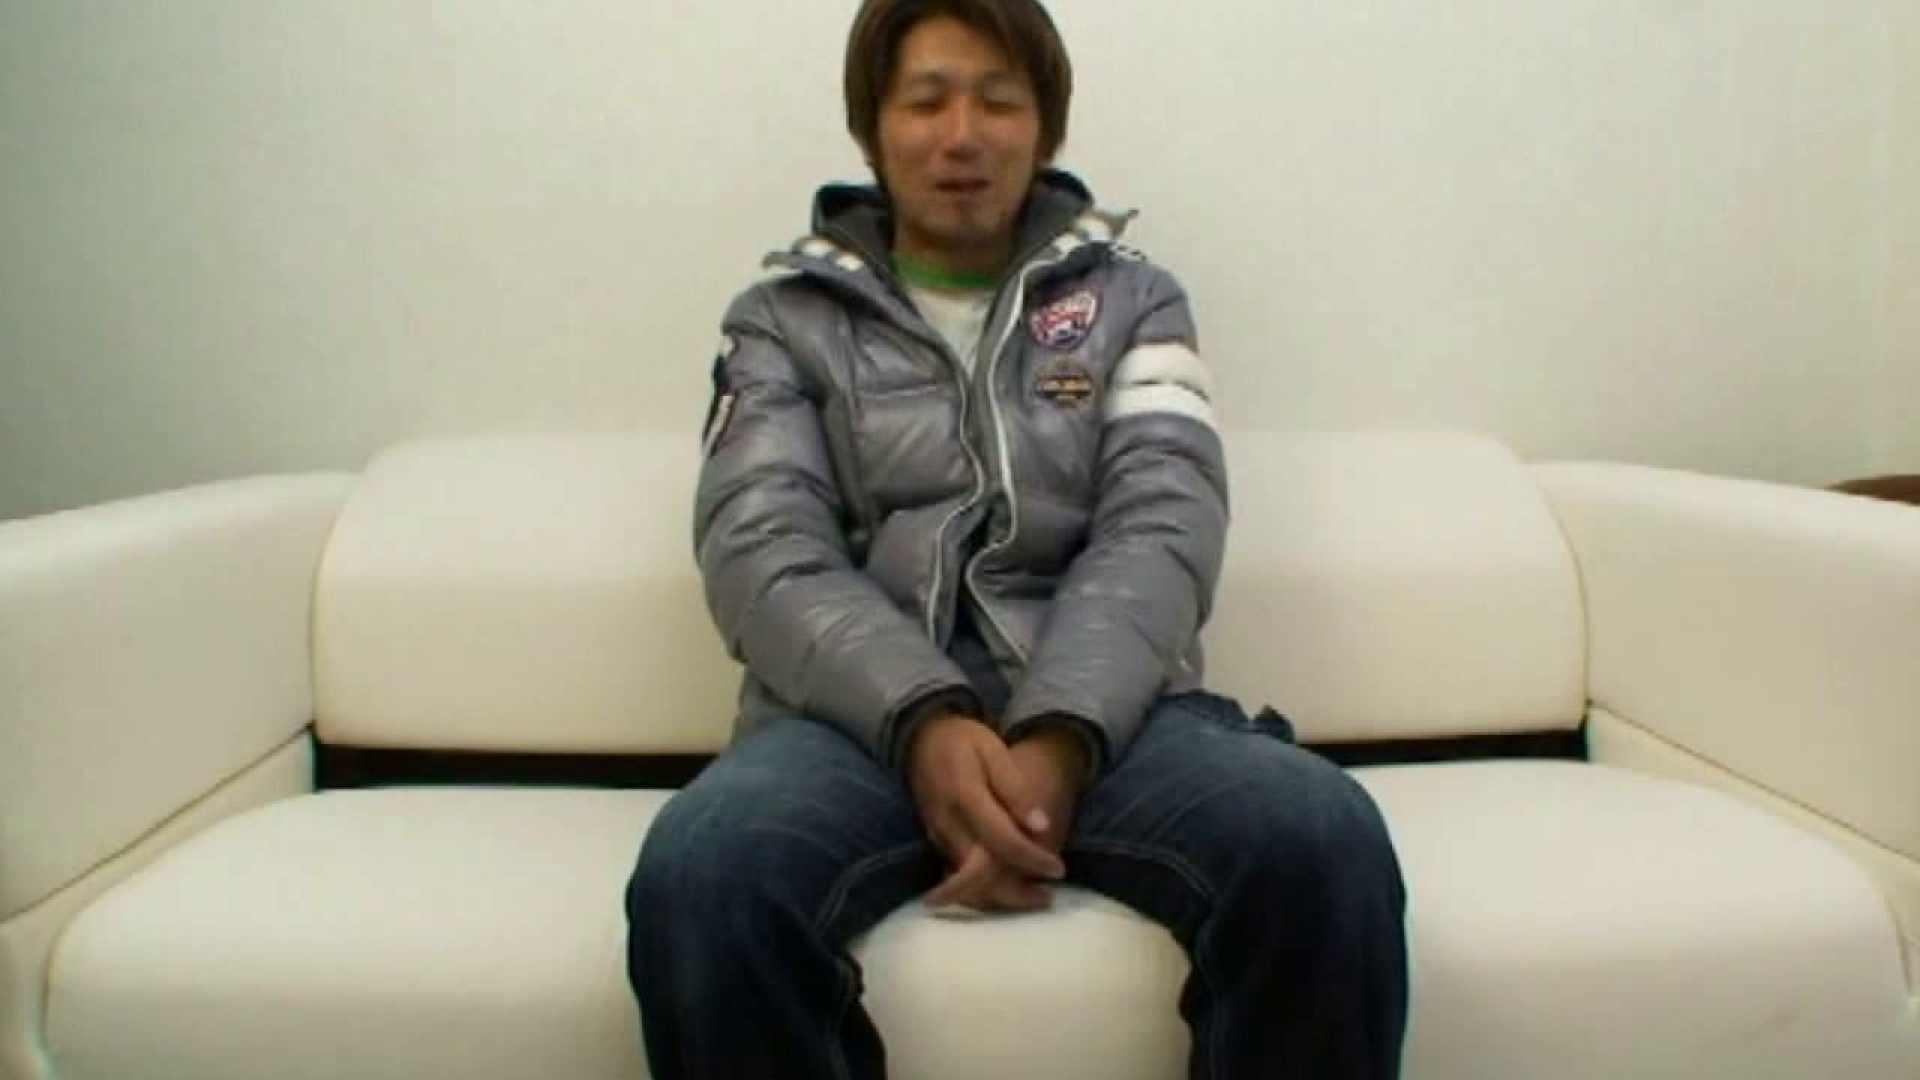 飲めやしごけや!ゲイ大会! フェラ天国 ゲイ素人エロ画像 94pic 4